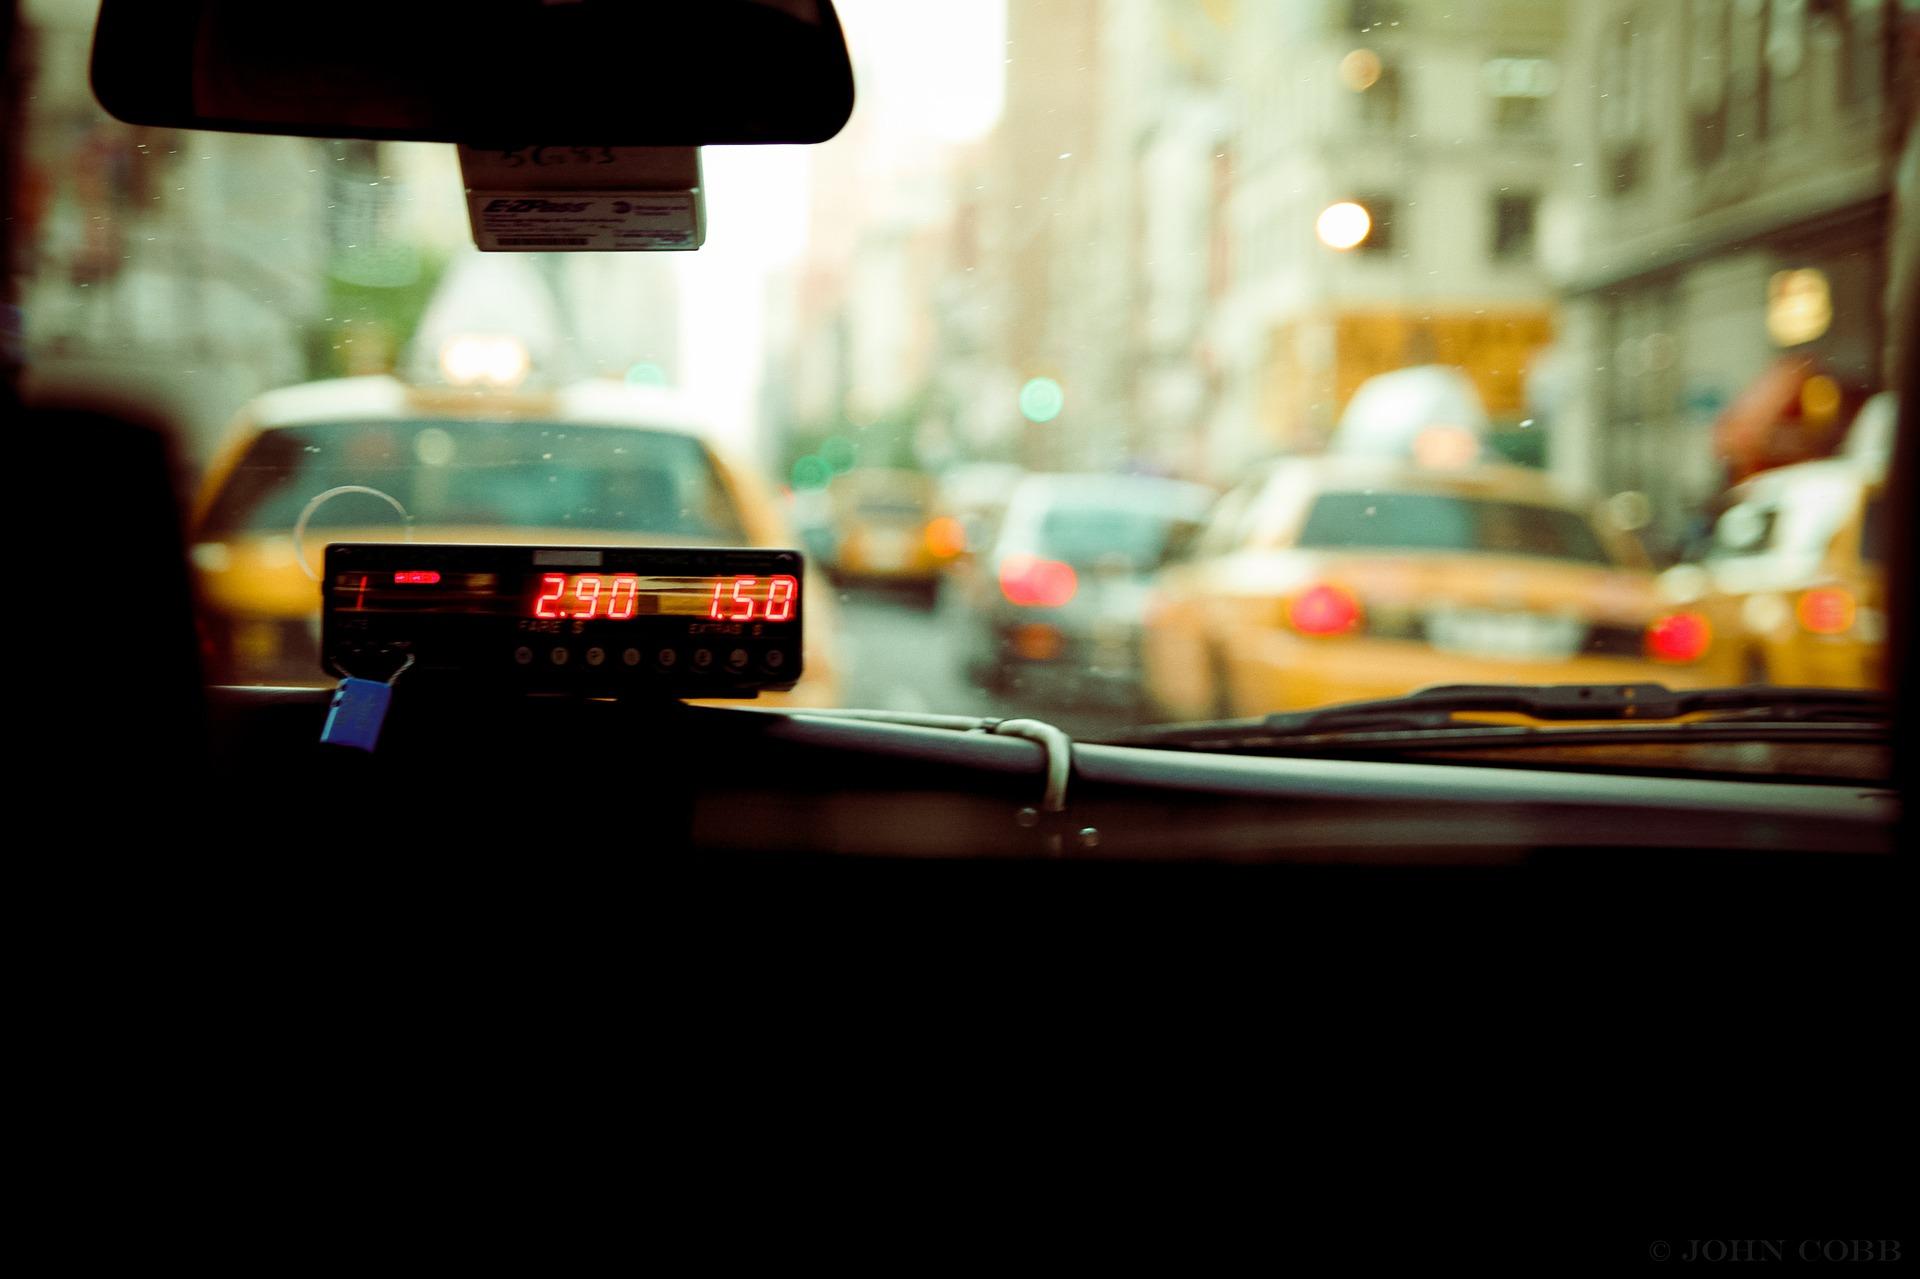 آیا روبیکا وارد حوزه تاکسی های آنلاین شده است؟